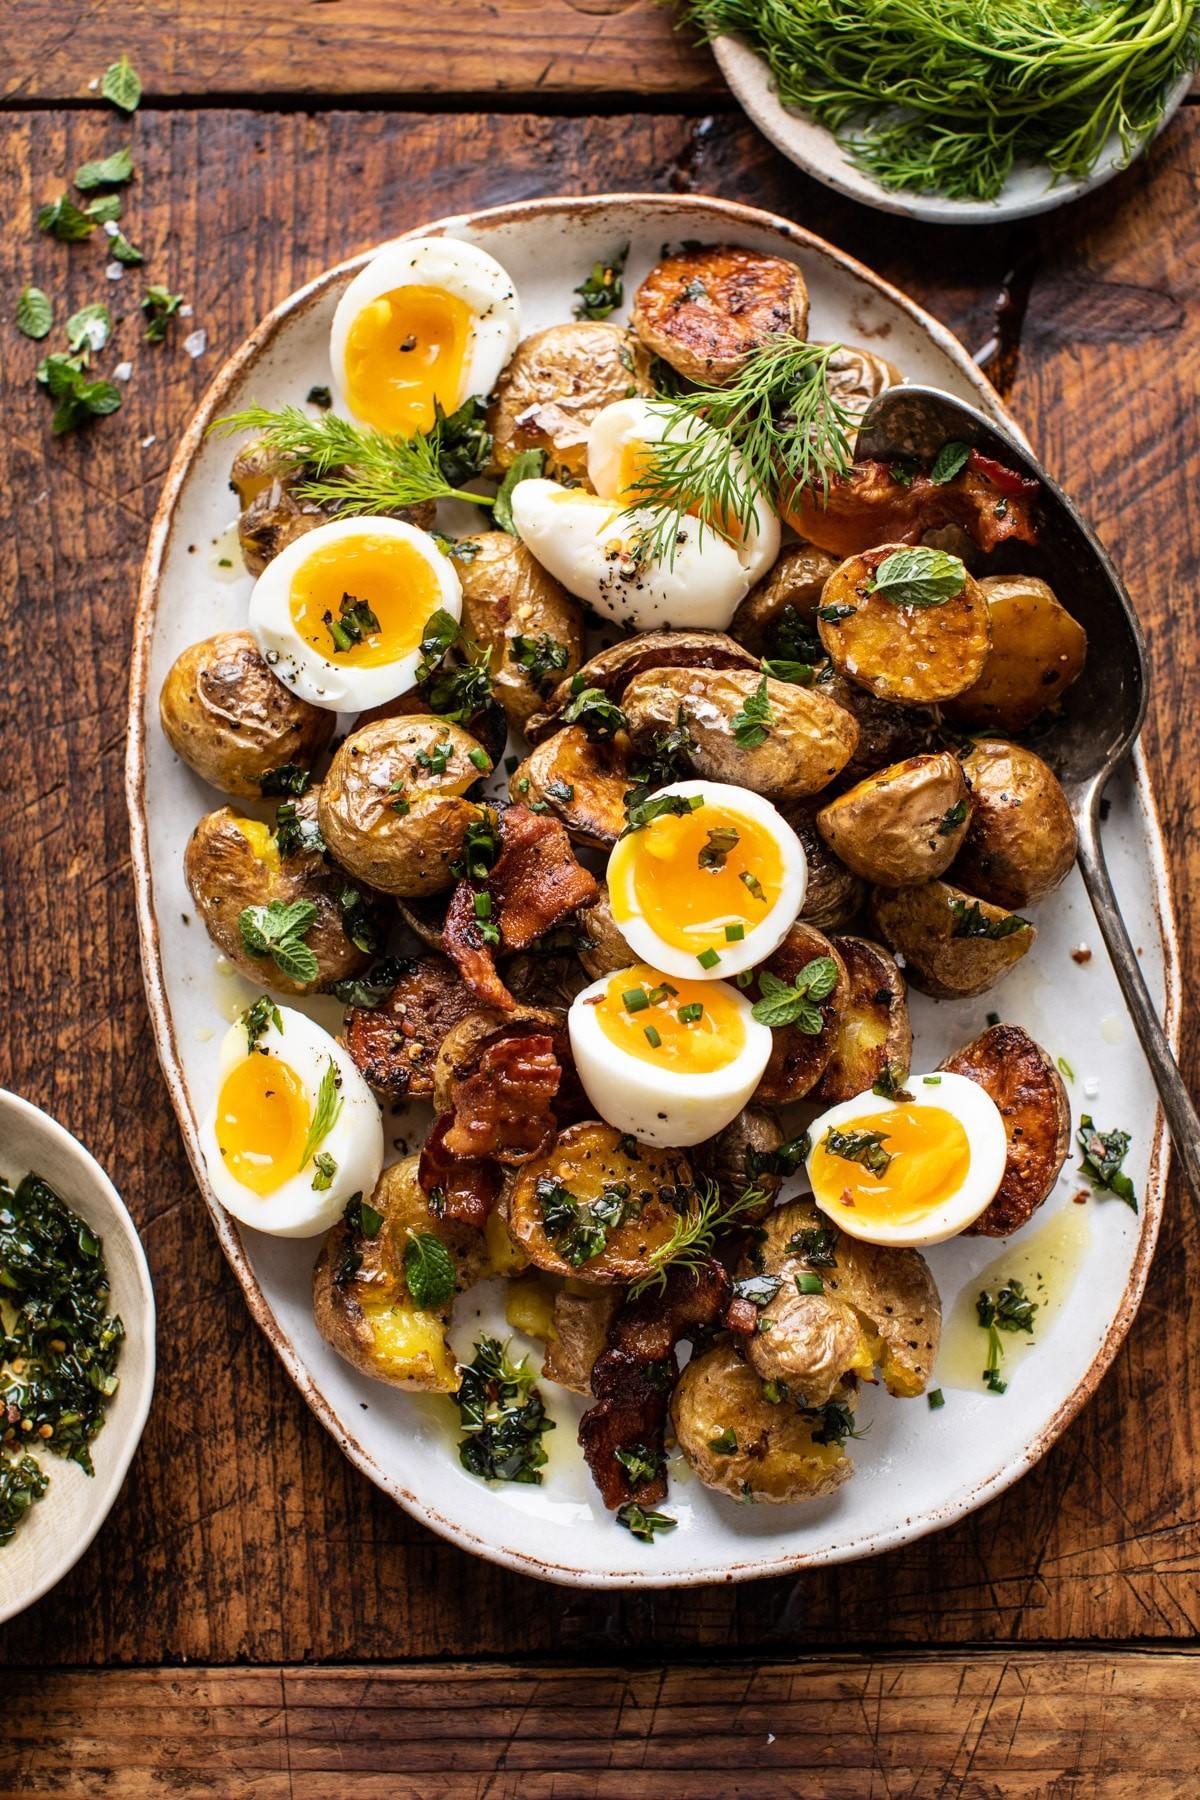 Субботний бранч от Half baked harvest: картофель с яйцом под чесночным маслом